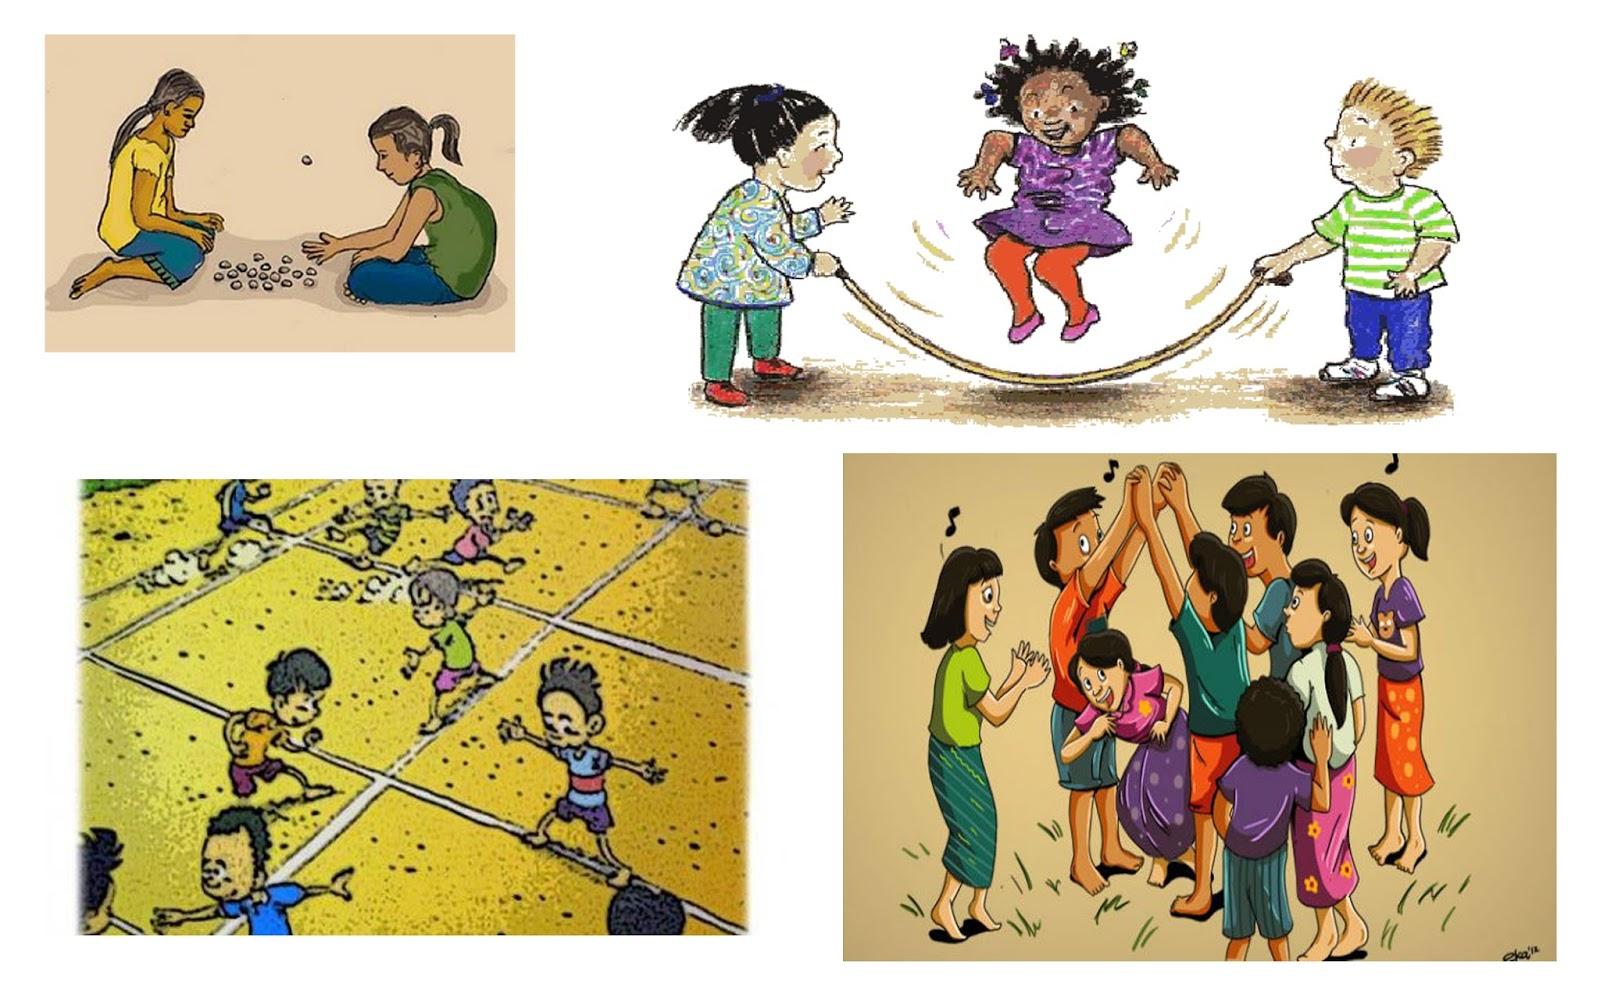 Gambar Kartun Anak-anak Bermain Related Keywords - Gambar ...